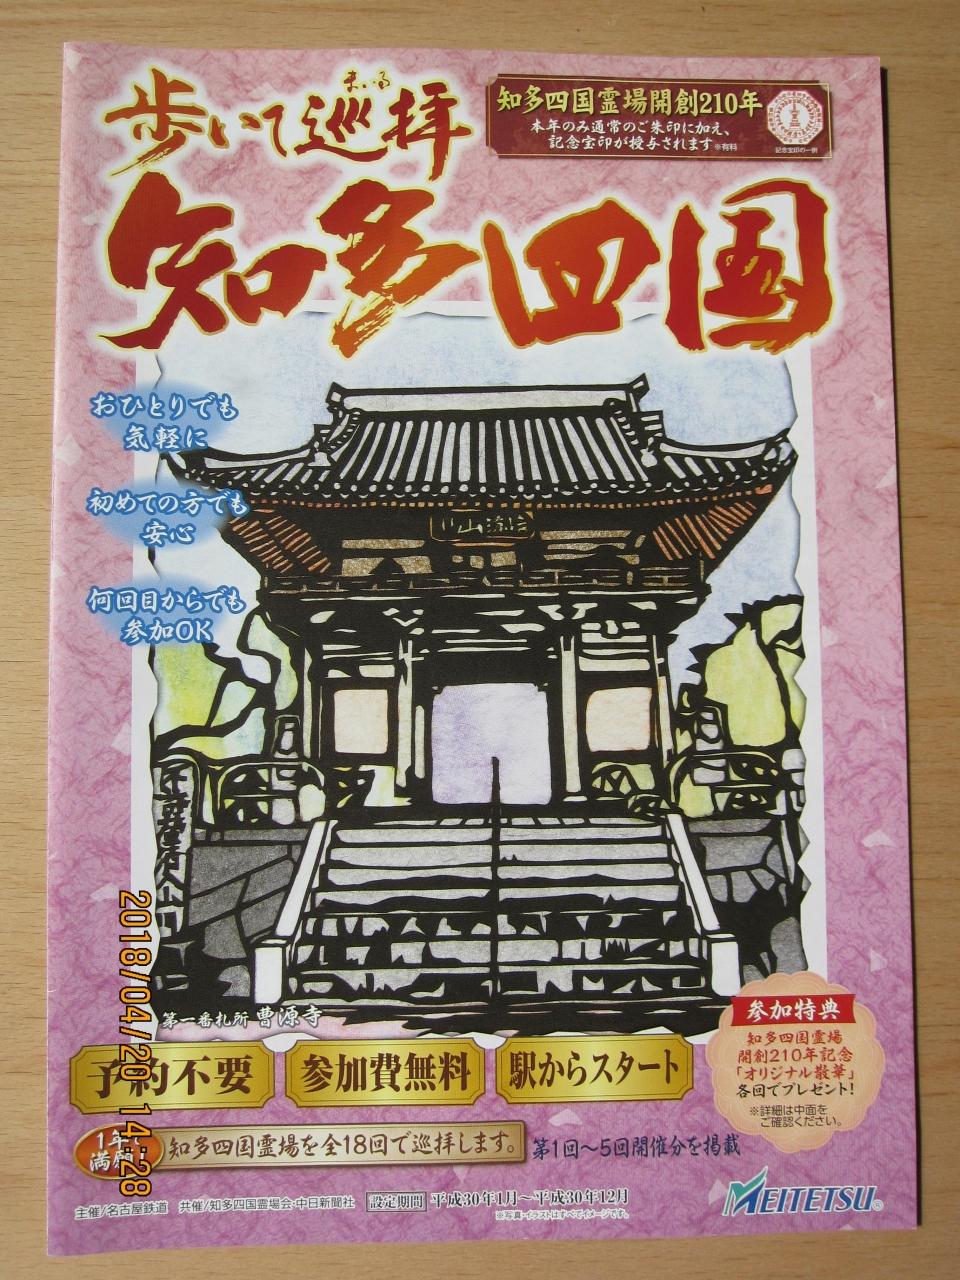 歩いて巡拝知多四国 No. 01 (曹...